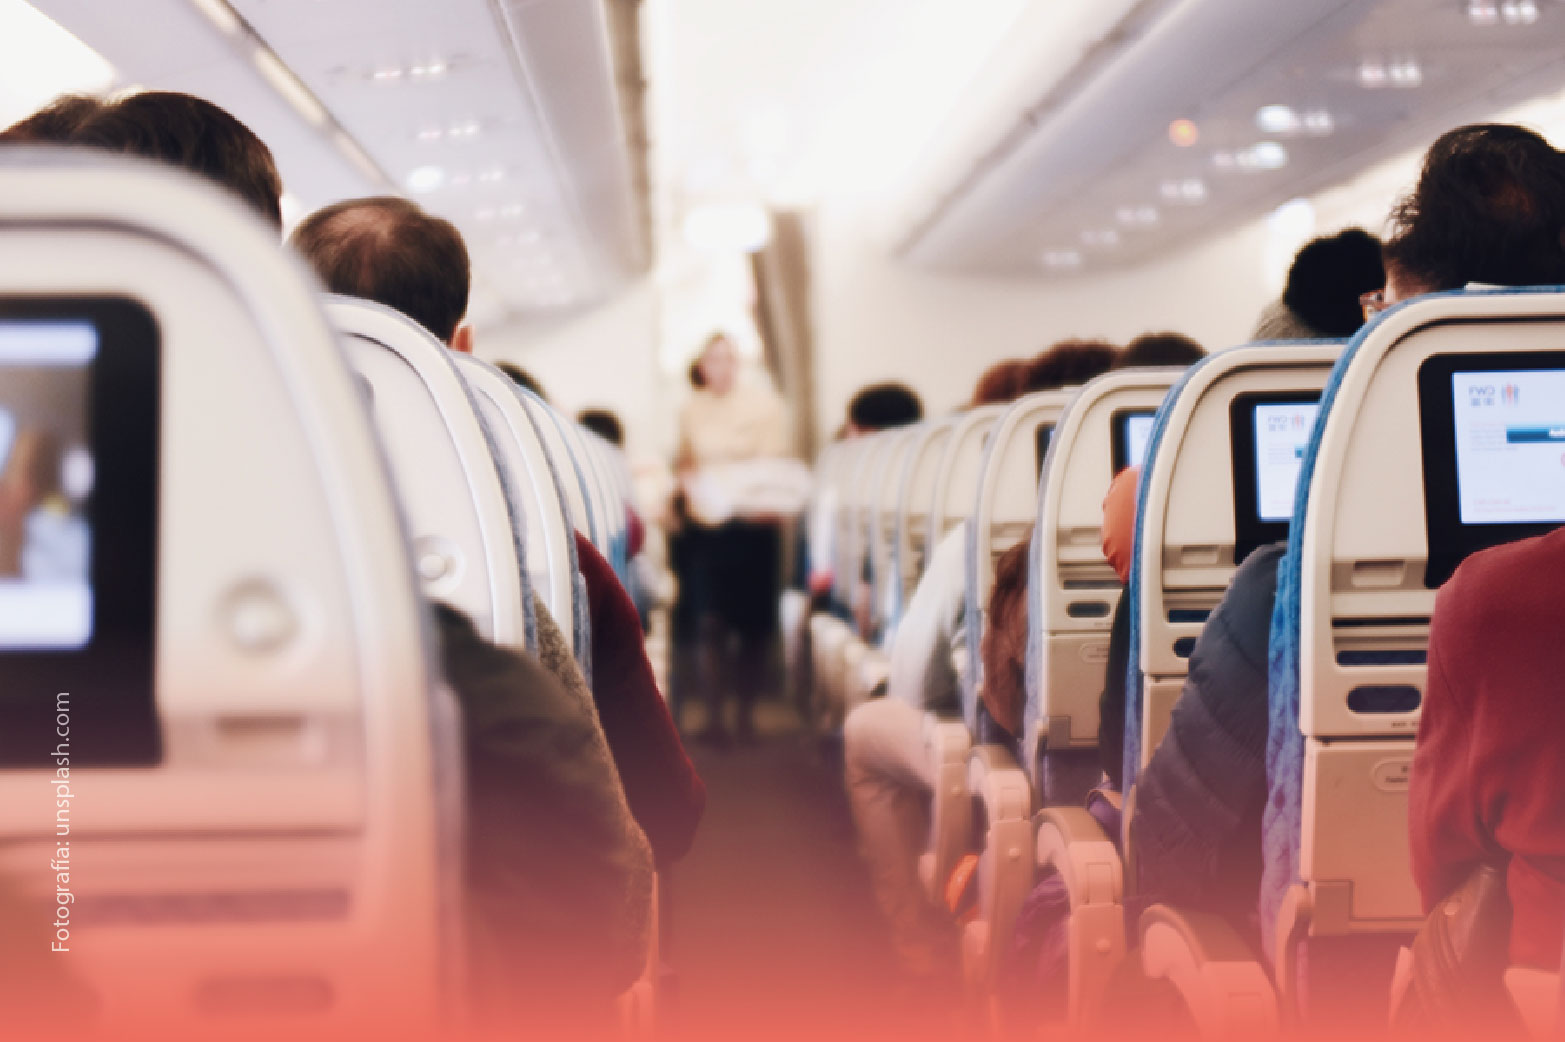 Mitos sobre el uso de celulares en aviones